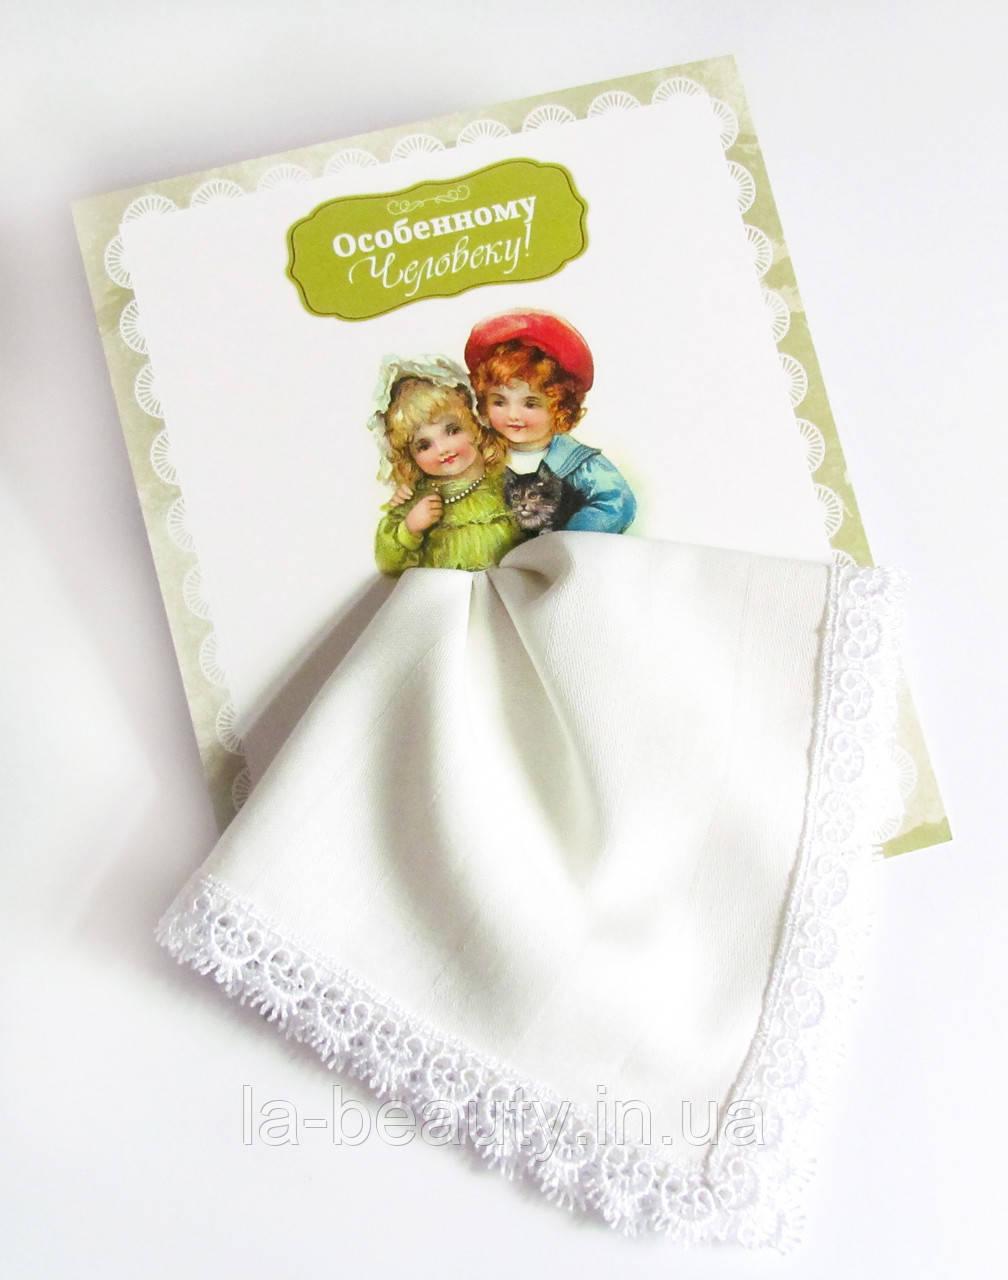 Носовой платок подарочный Особенному Человеку! белый с кружевом